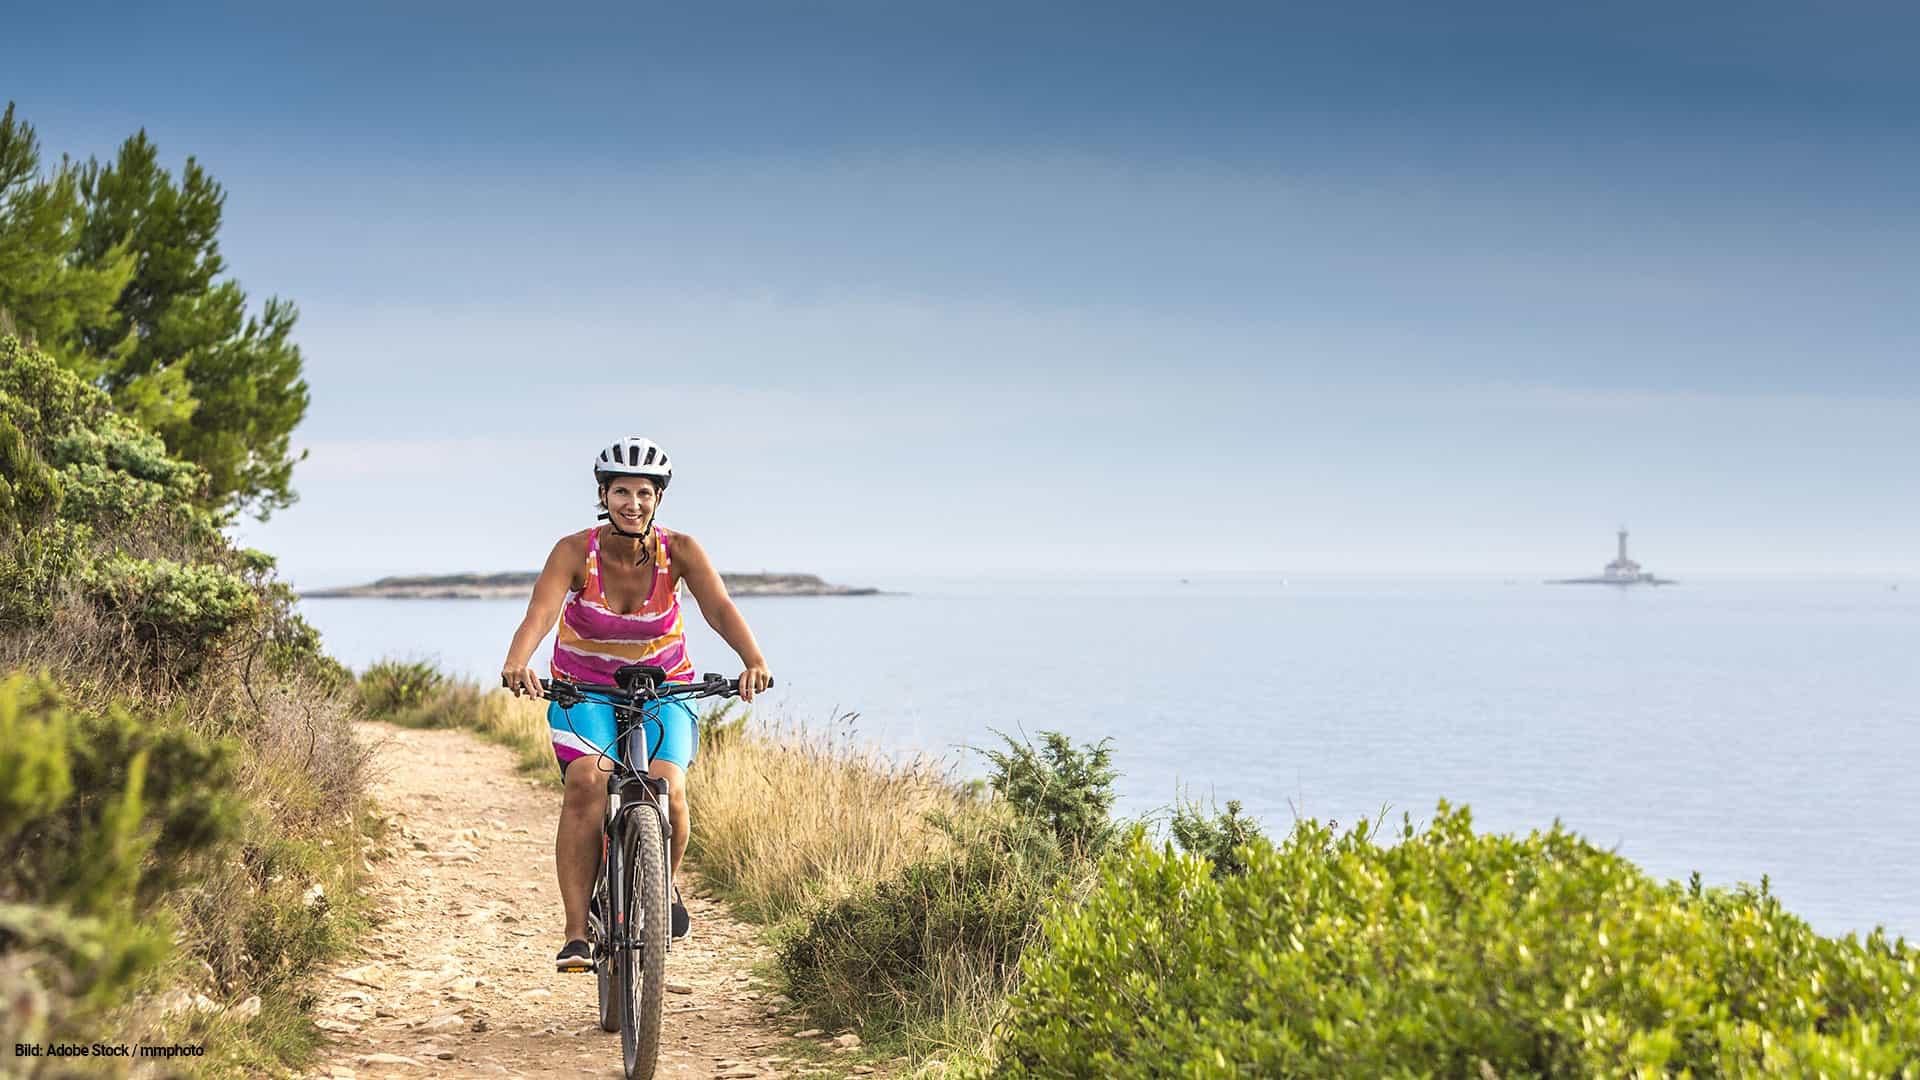 E-Bike S-Pedelecs Kfz-Haftpflicht Kfz-Versicherung Versicherung Ausland Versicherungsschutz Haftpflichtversicherung Unfallversicherung